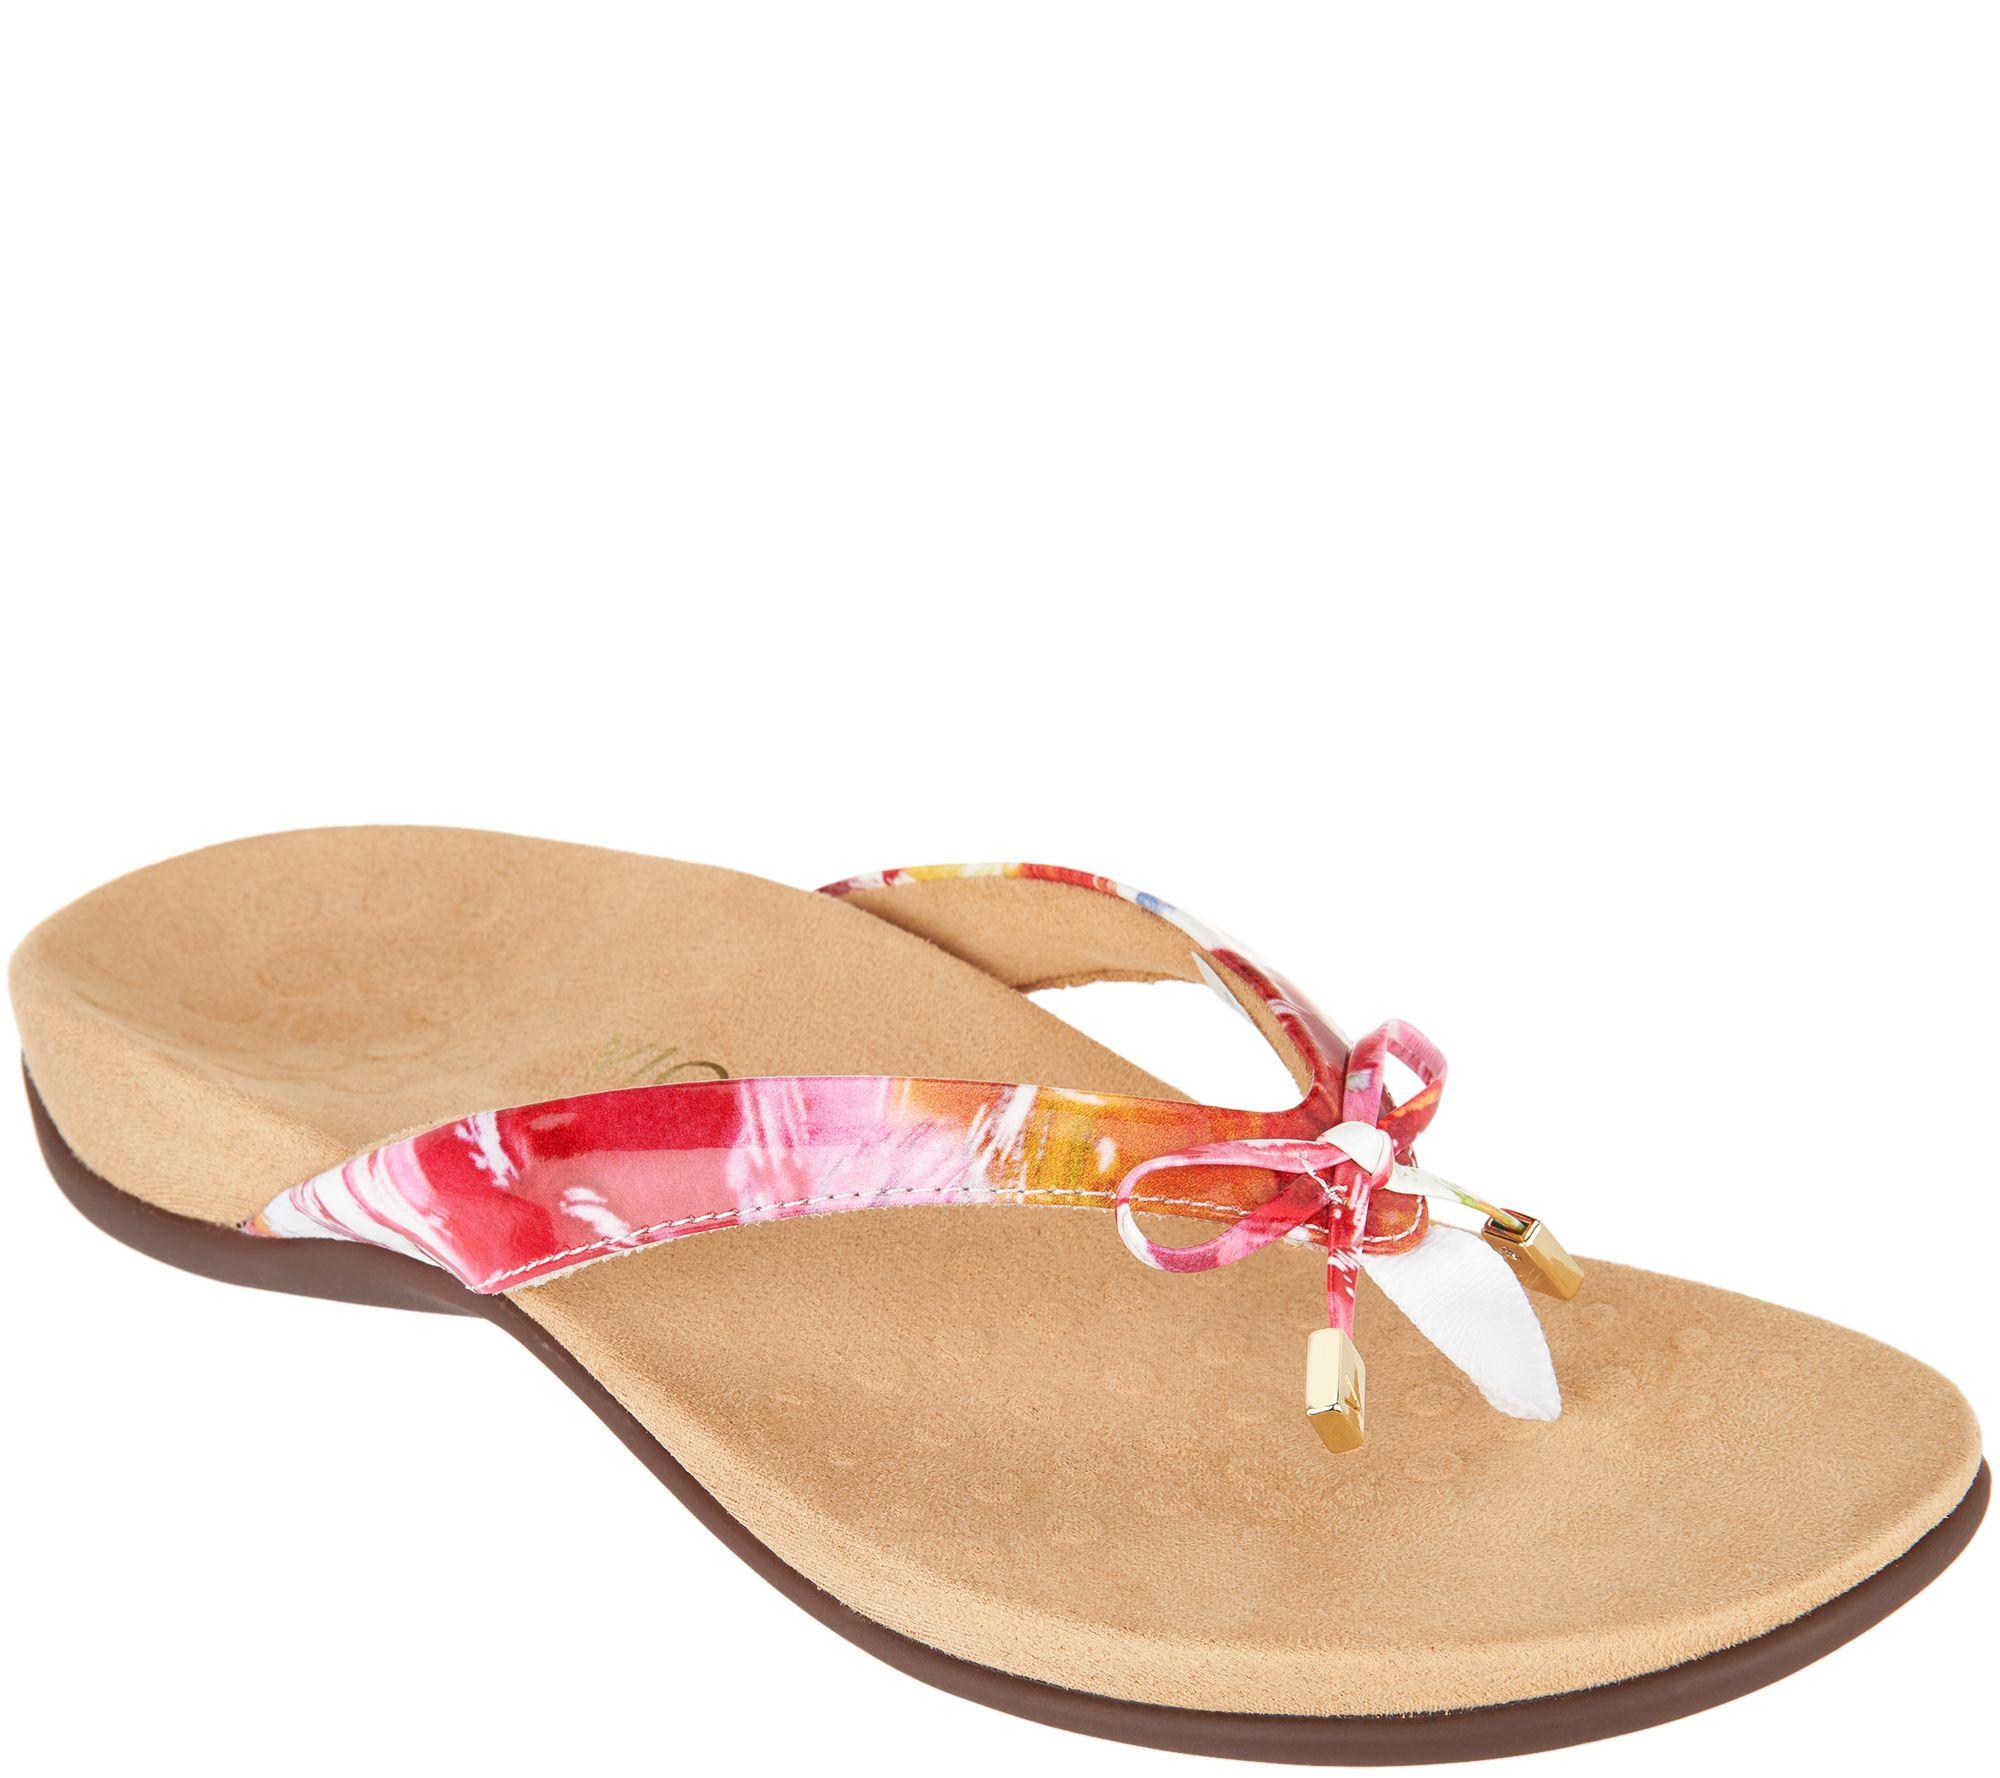 a2e9a5f41 Vionic Orthotic Sandals - Bella II - Page 1 — QVC.com